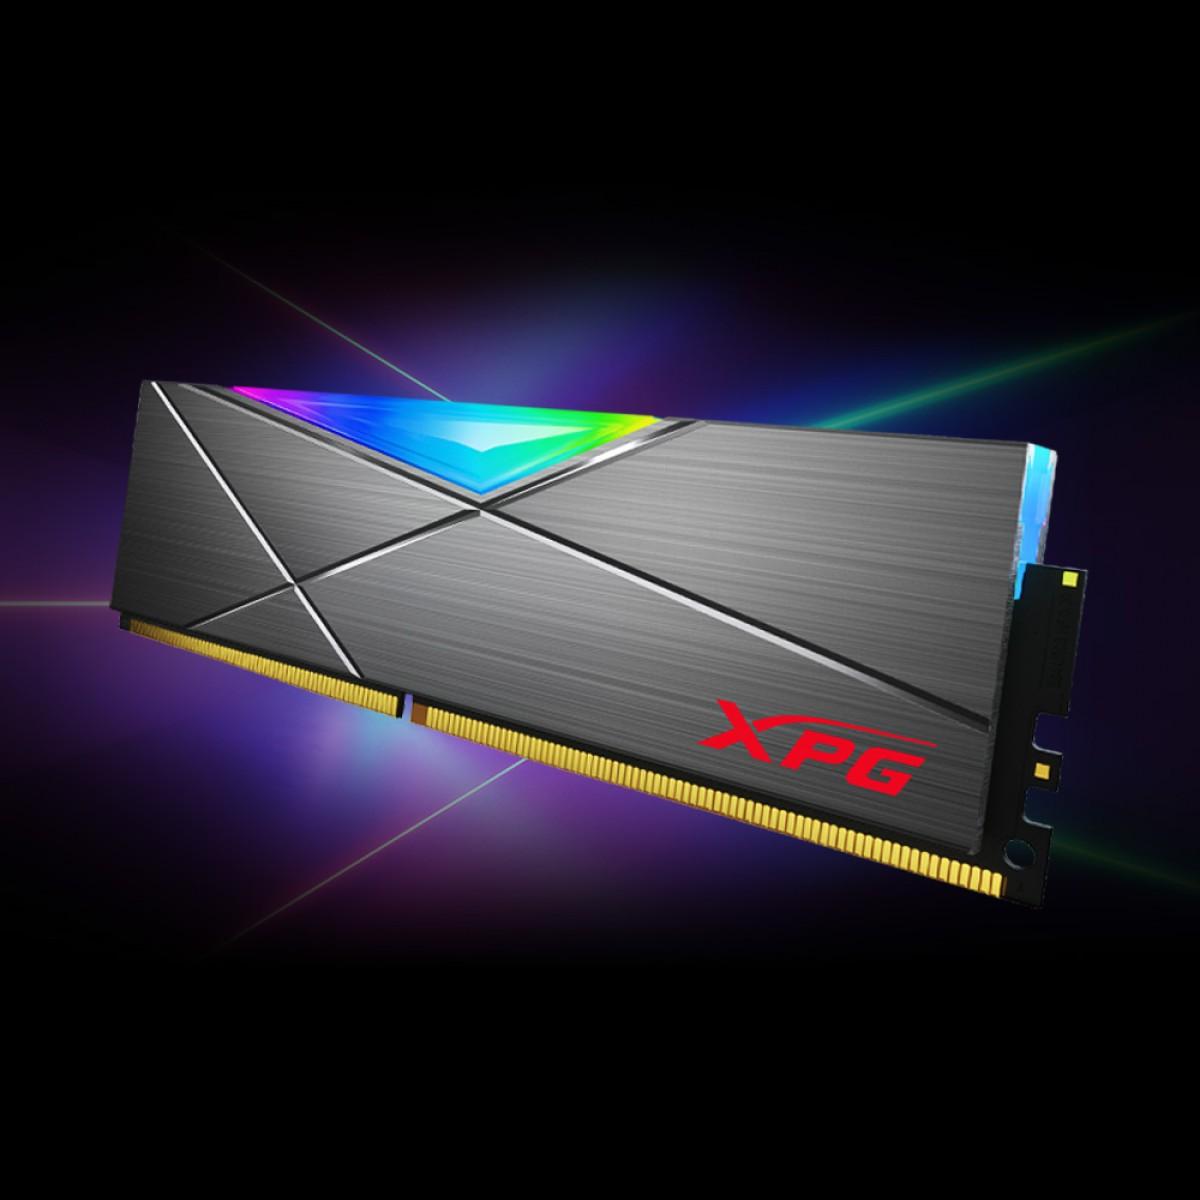 Memória DDR4 XPG Spectrix D50, 32GB (2x16GB), 3200Mhz, CL16, RGB, Gray, AX4U320016G16A-DT50